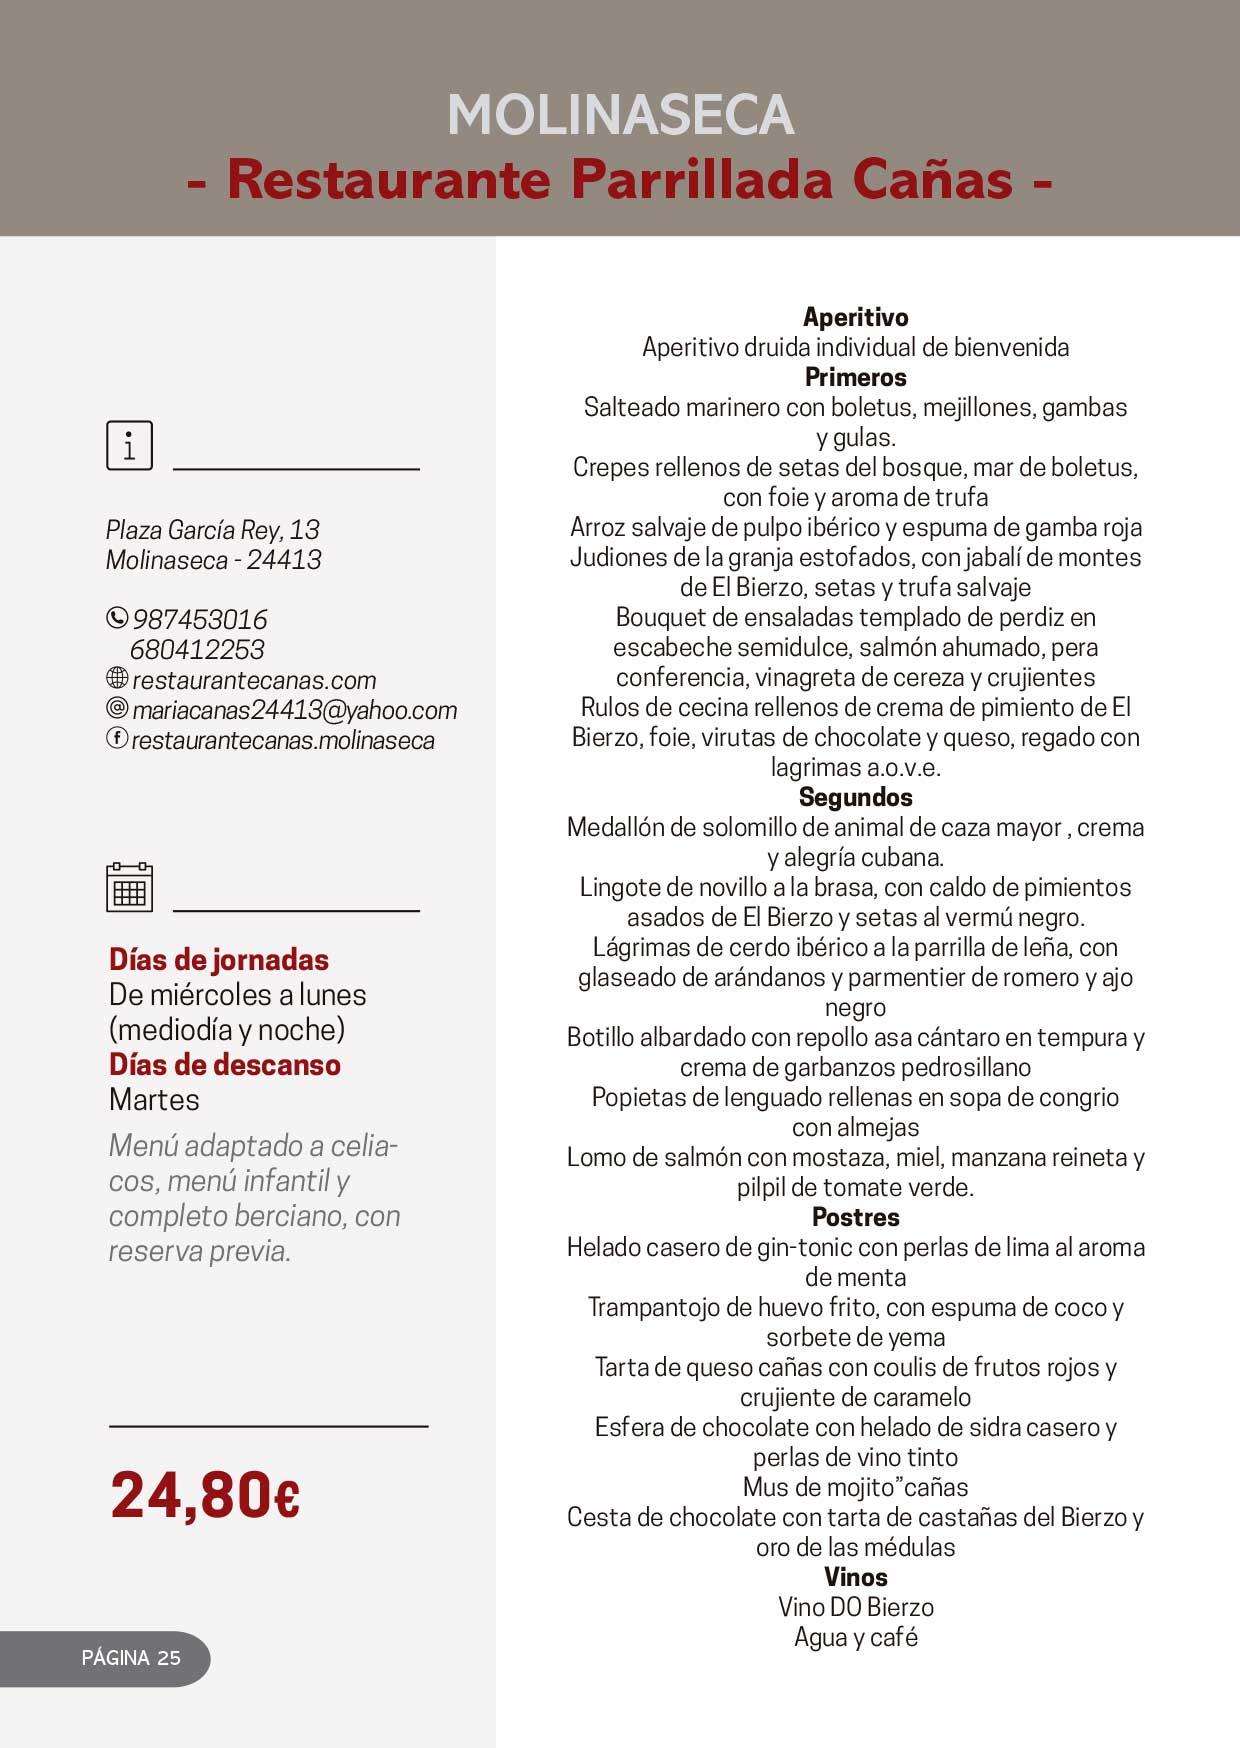 Las Jornadas Gastronómicas del Bierzo llegan a su 34 edición 11